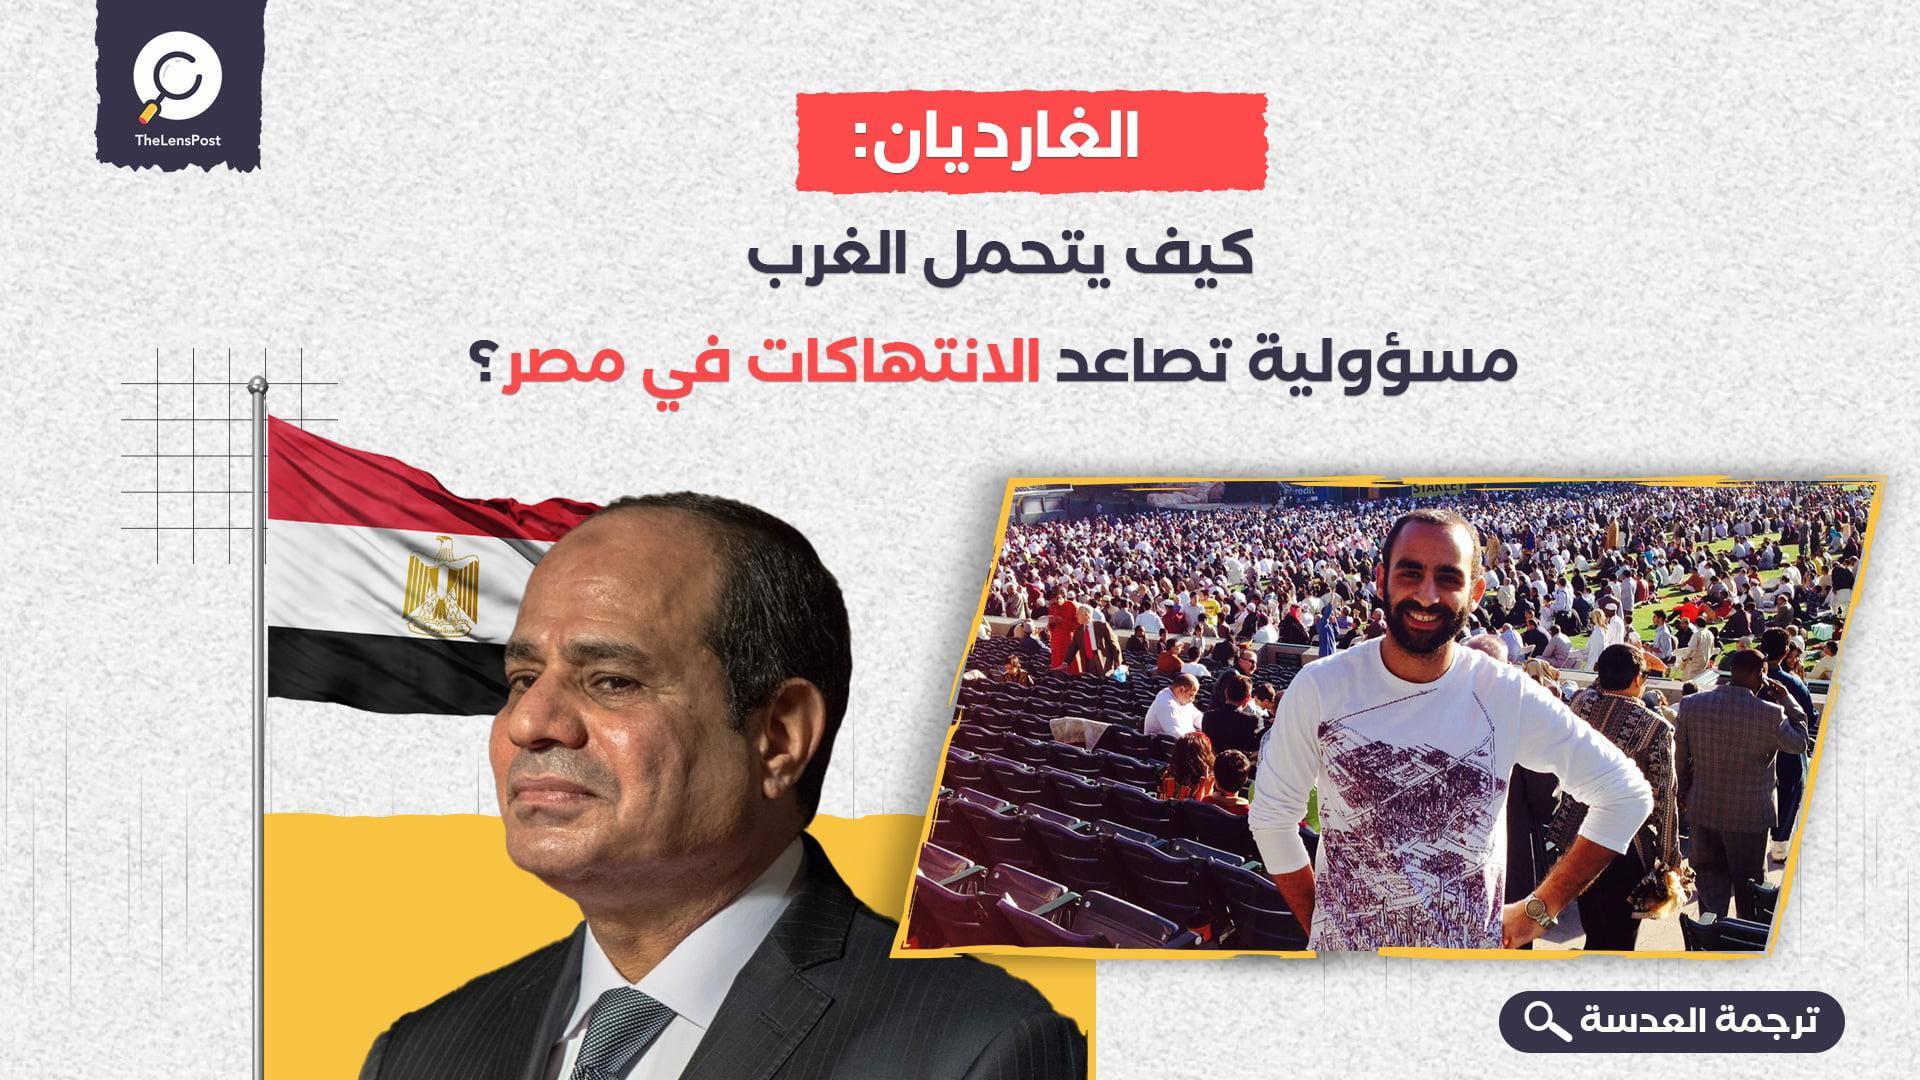 الغارديان: كيف يتحمل الغرب مسؤولية تصاعد الانتهاكات في مصر؟